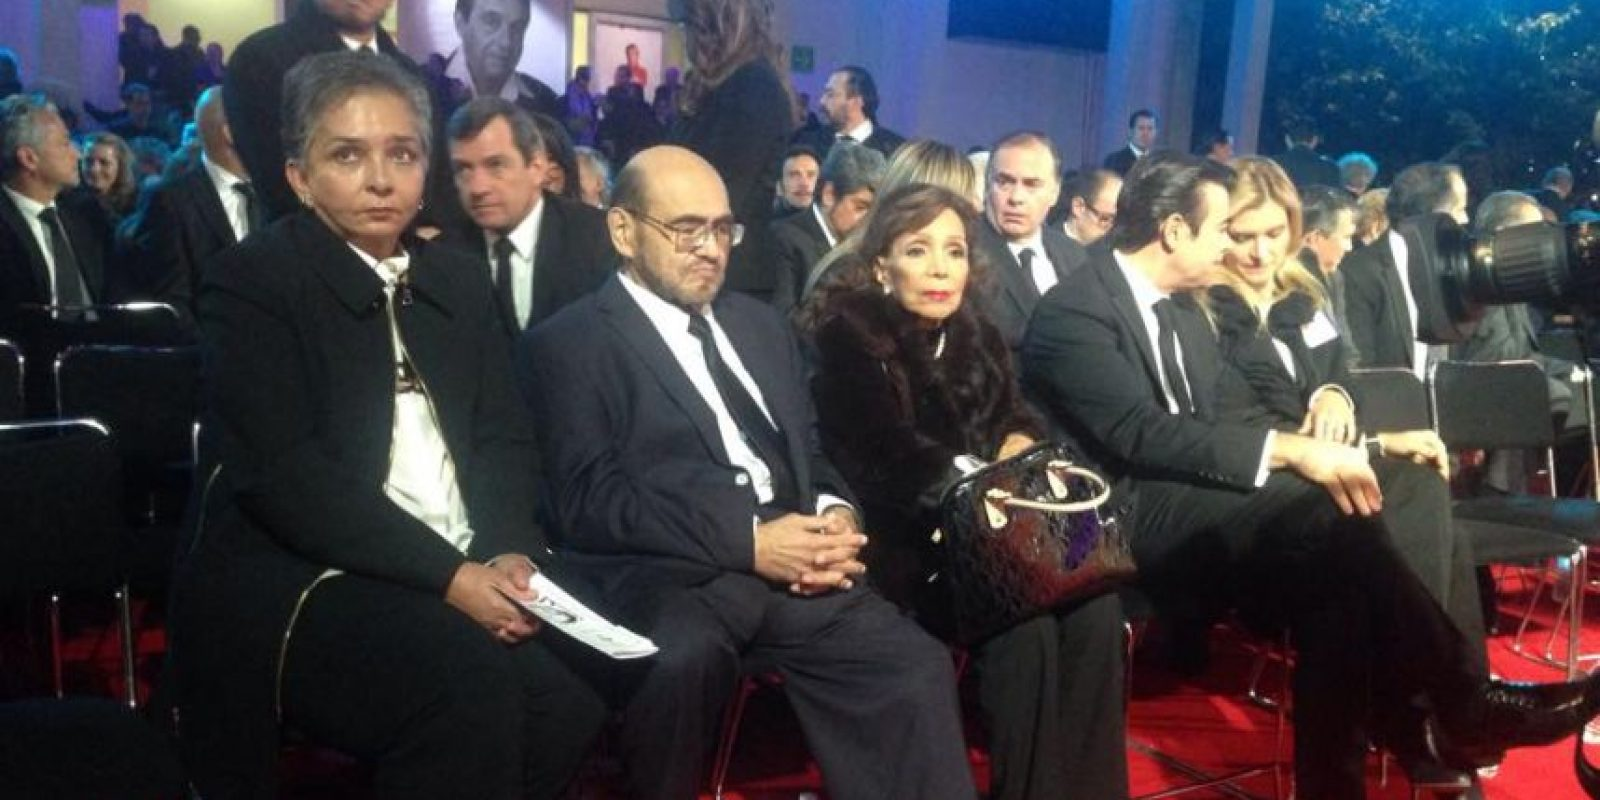 Édgar Vivar (El señor barriga) también destacó entre los invitados. Foto:Facebook/Televisatelevisionmx